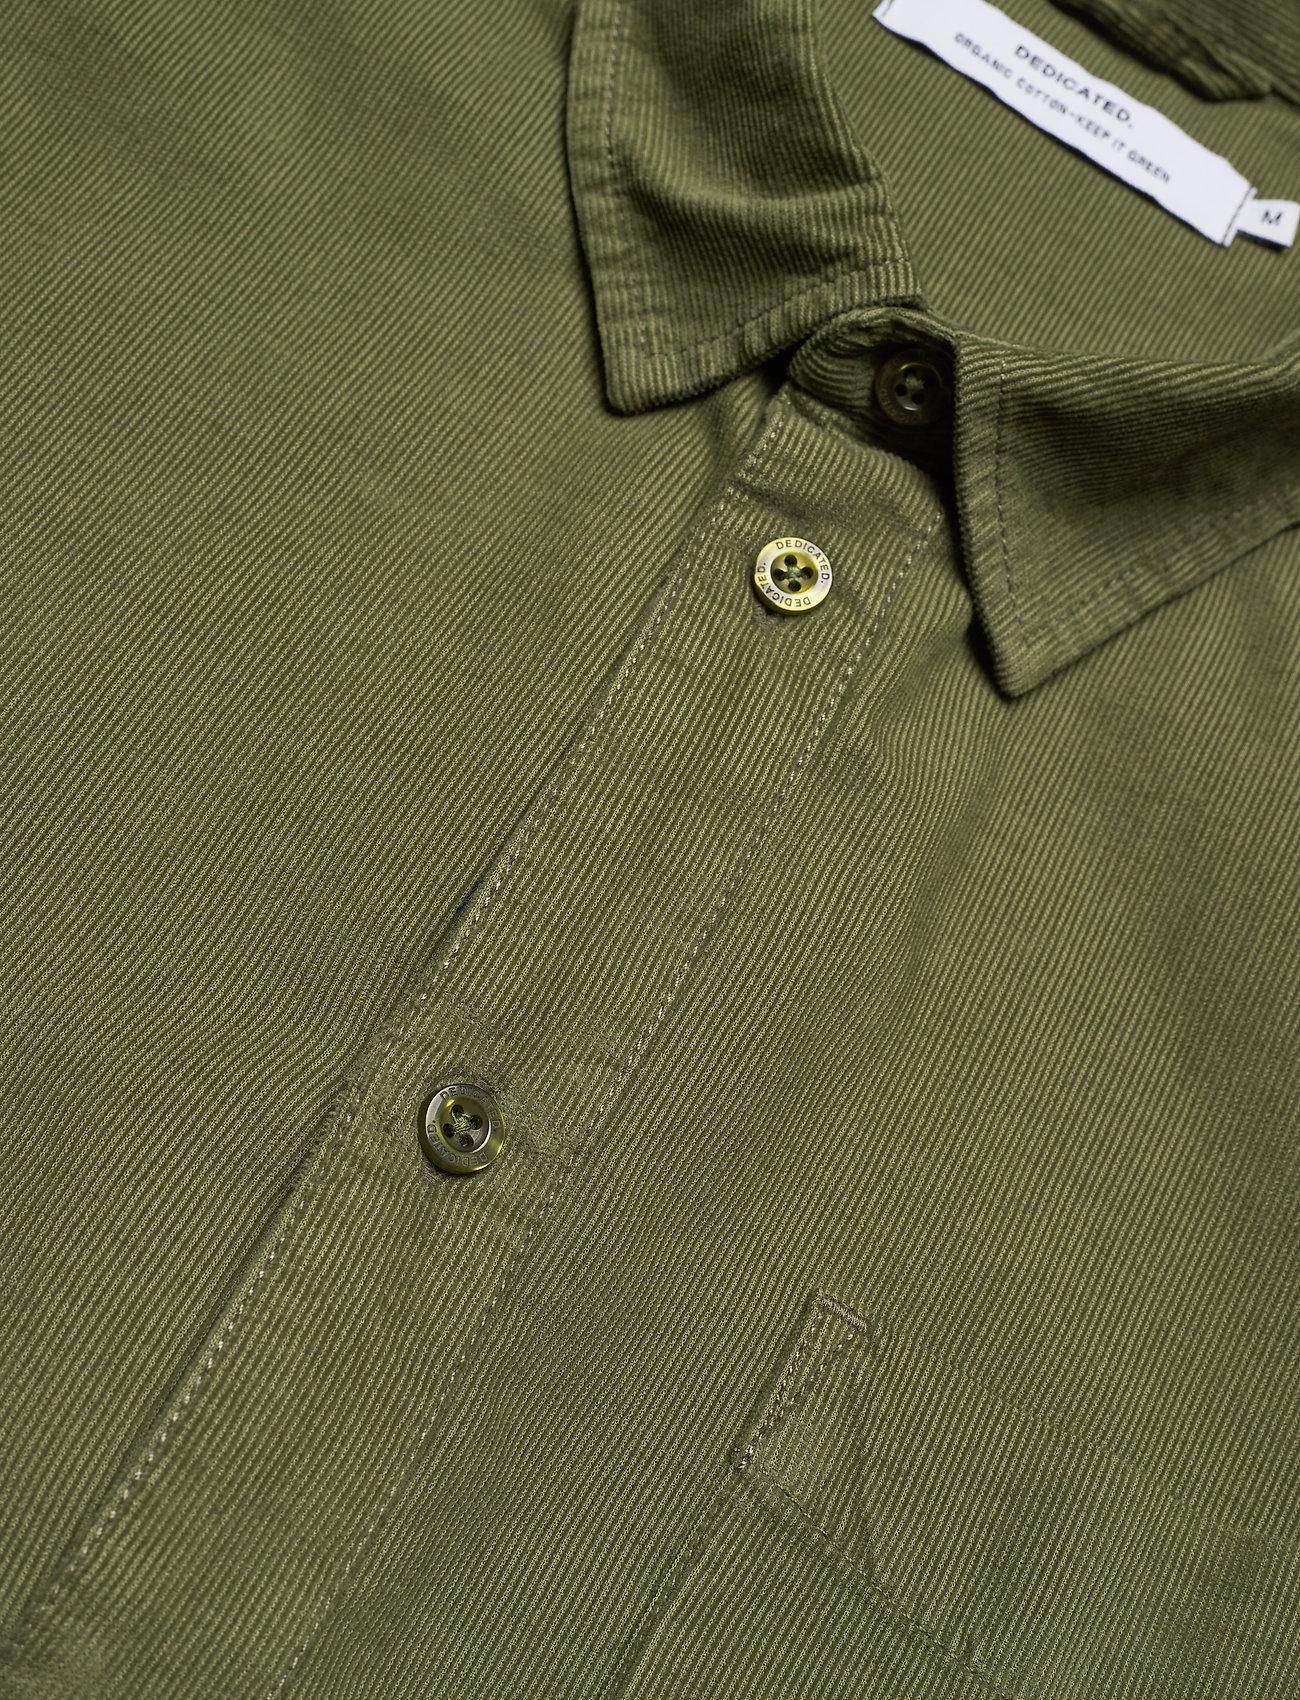 DEDICATED Shirt Varberg Corduroy - Skjorter LEAF GREEN - Menn Klær